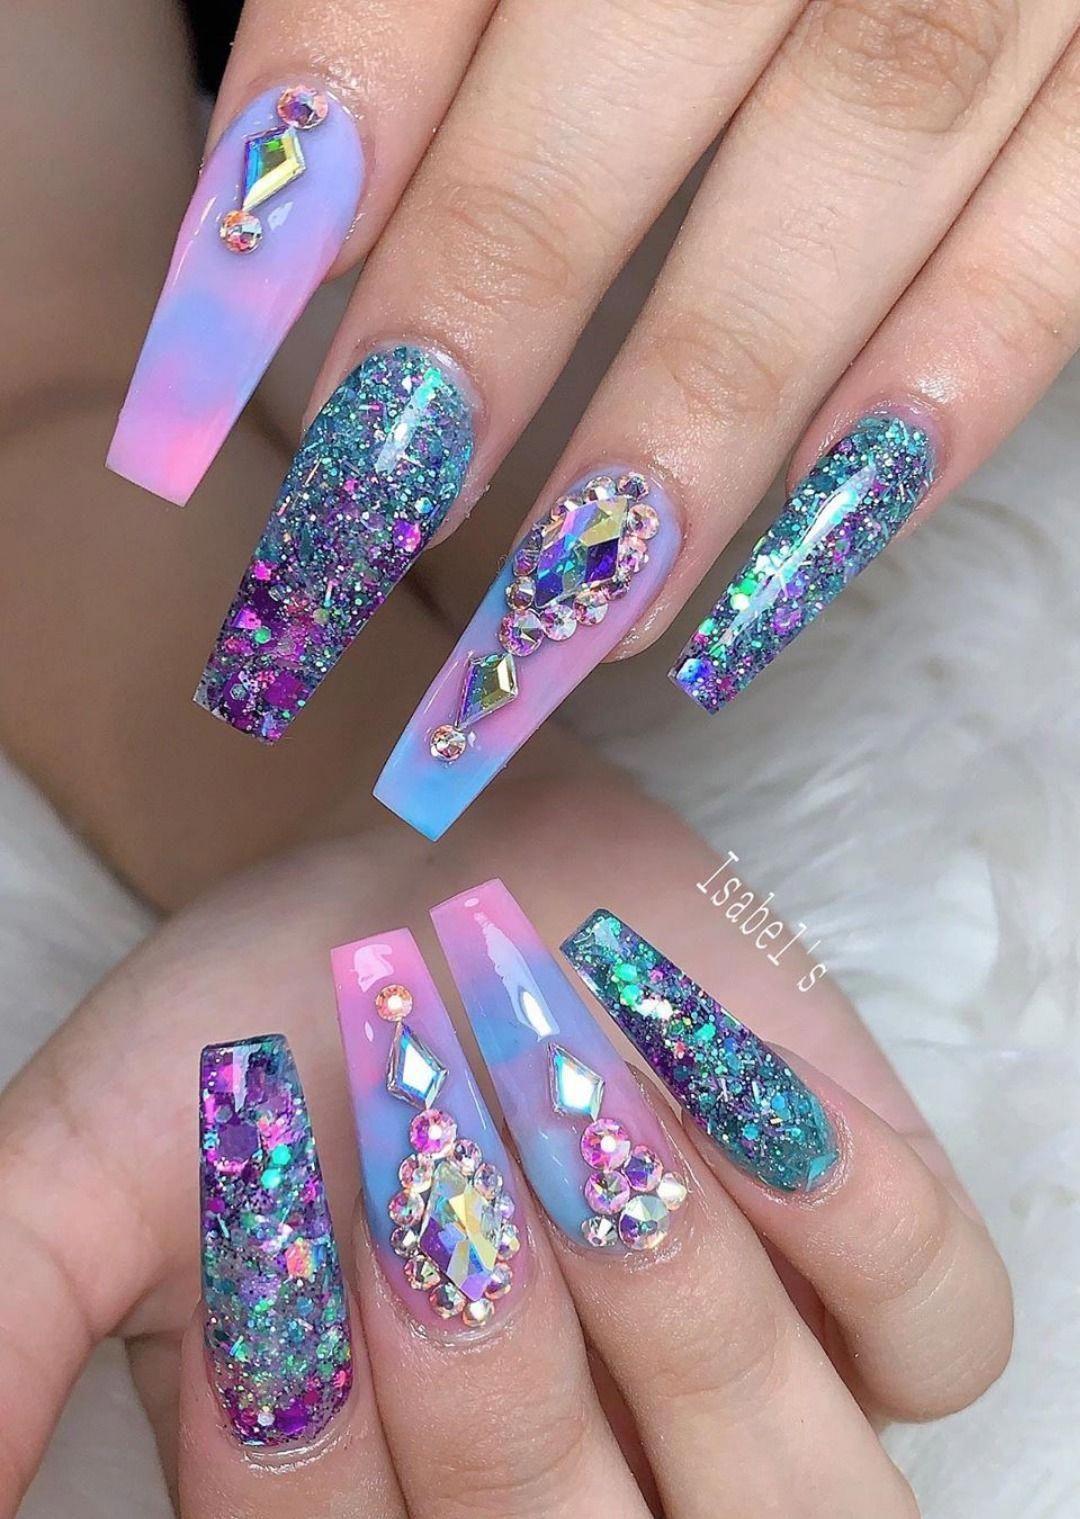 Shiny gradation | Nail art, Nails, Shiny